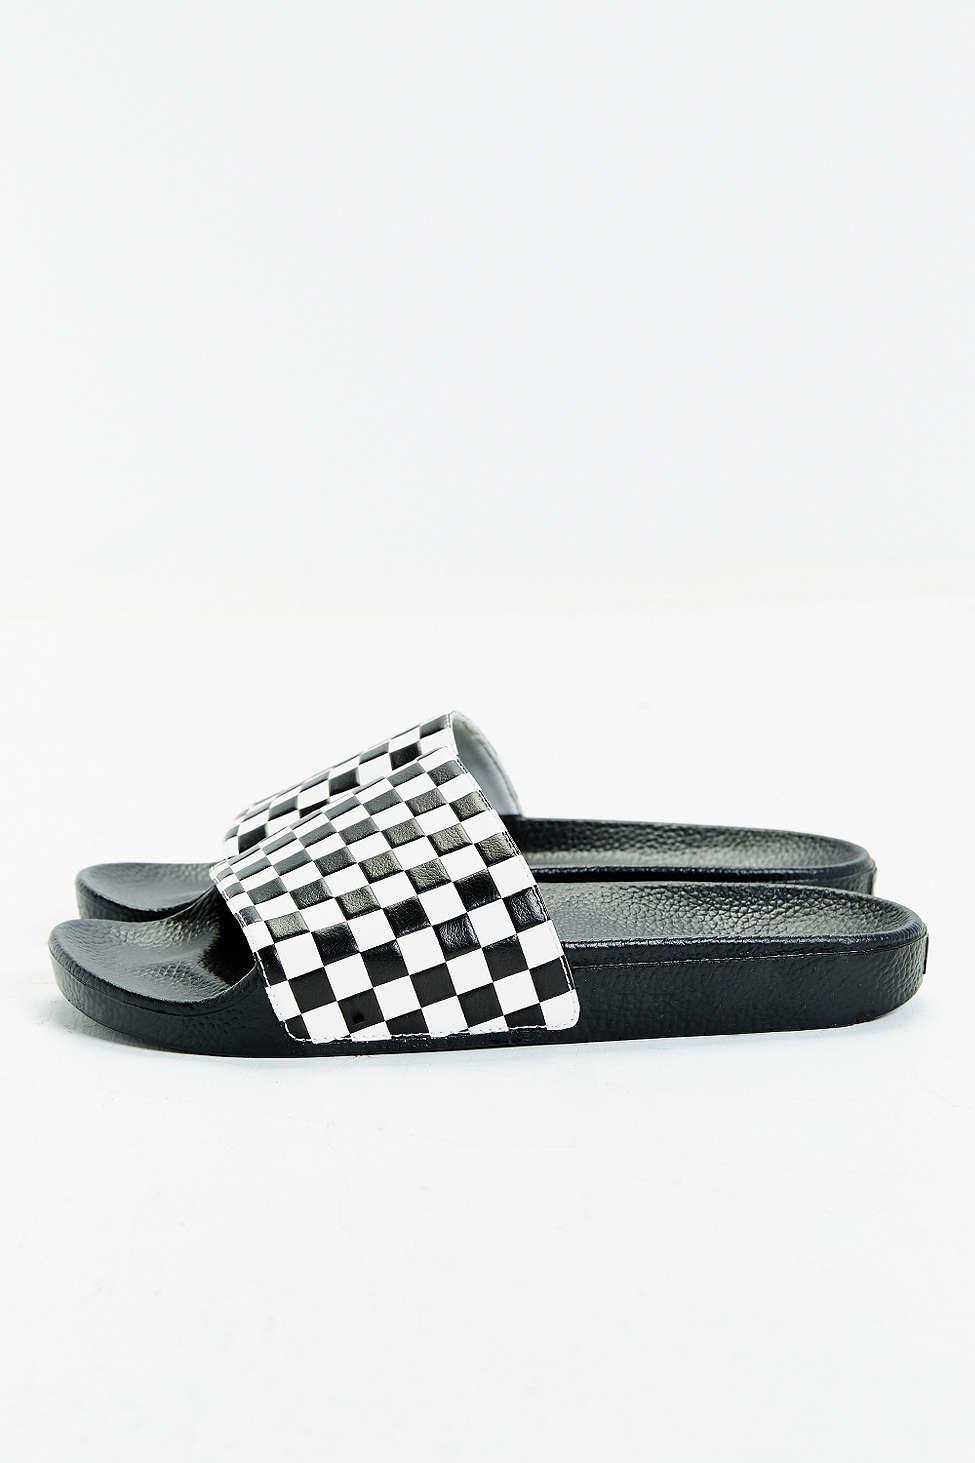 4968bef533c Lyst - Vans Slide-on Checkerboard Sandal in White for Men